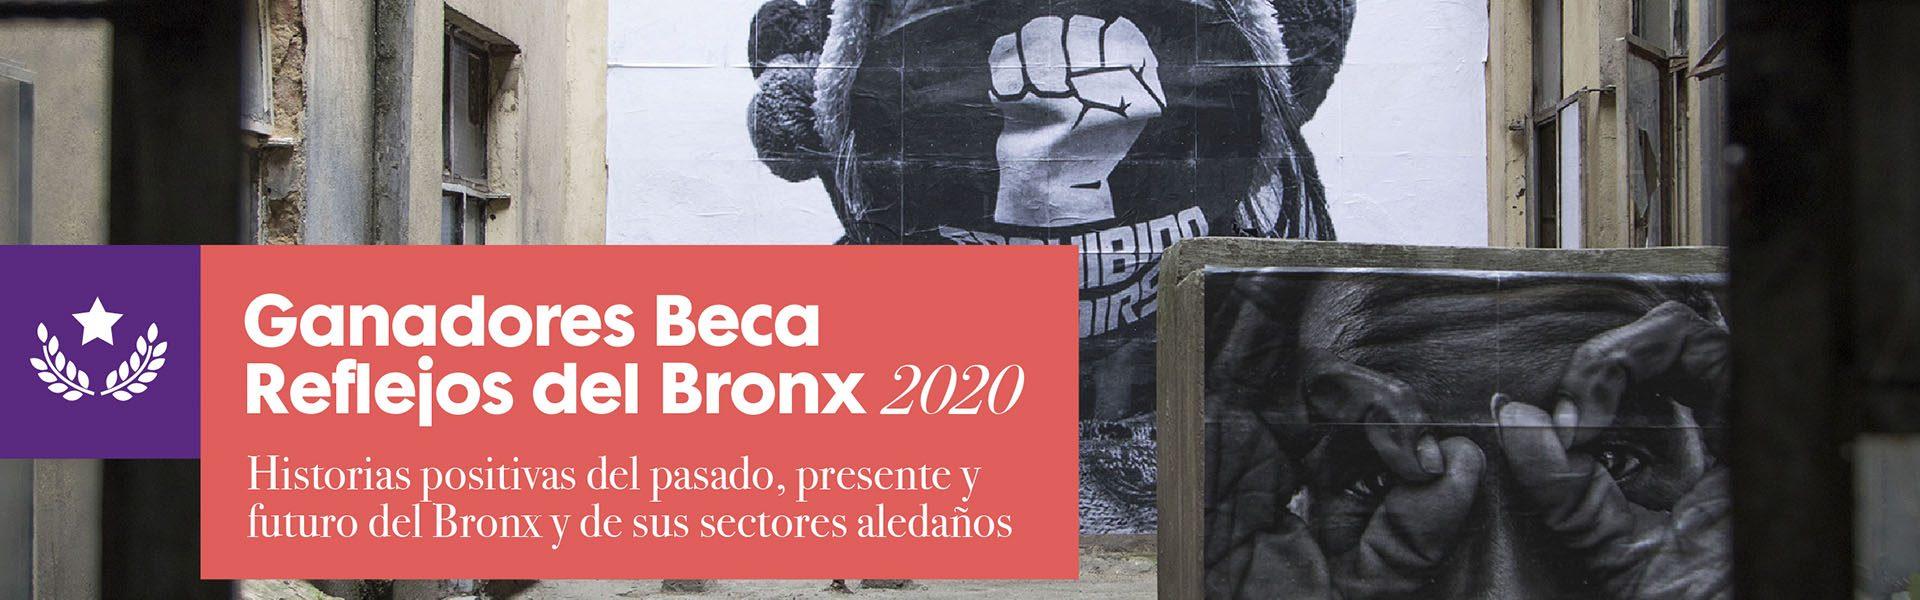 bann_BECA_2021_bronx